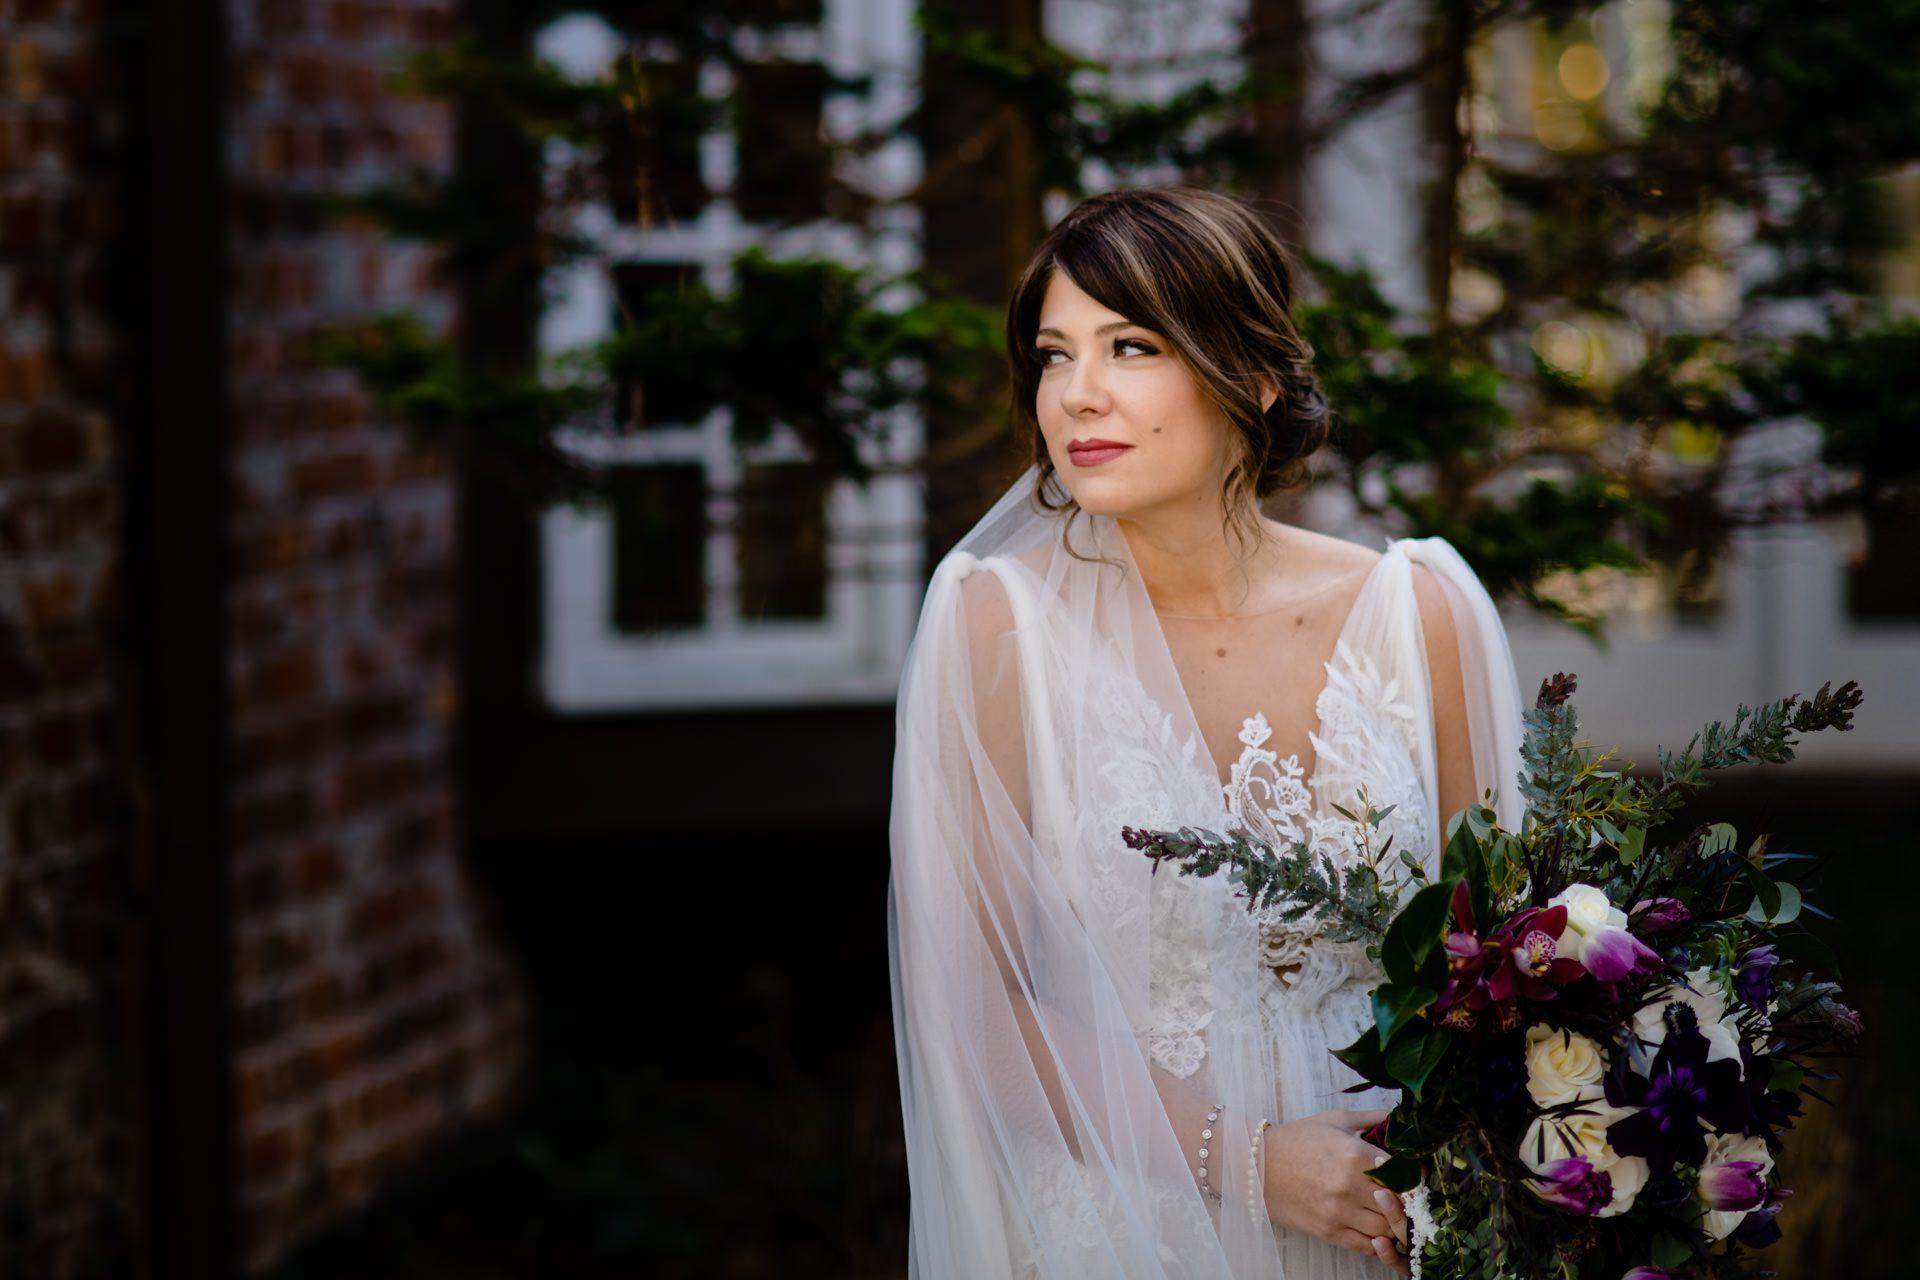 Bride looking over her shoulder before her wedding